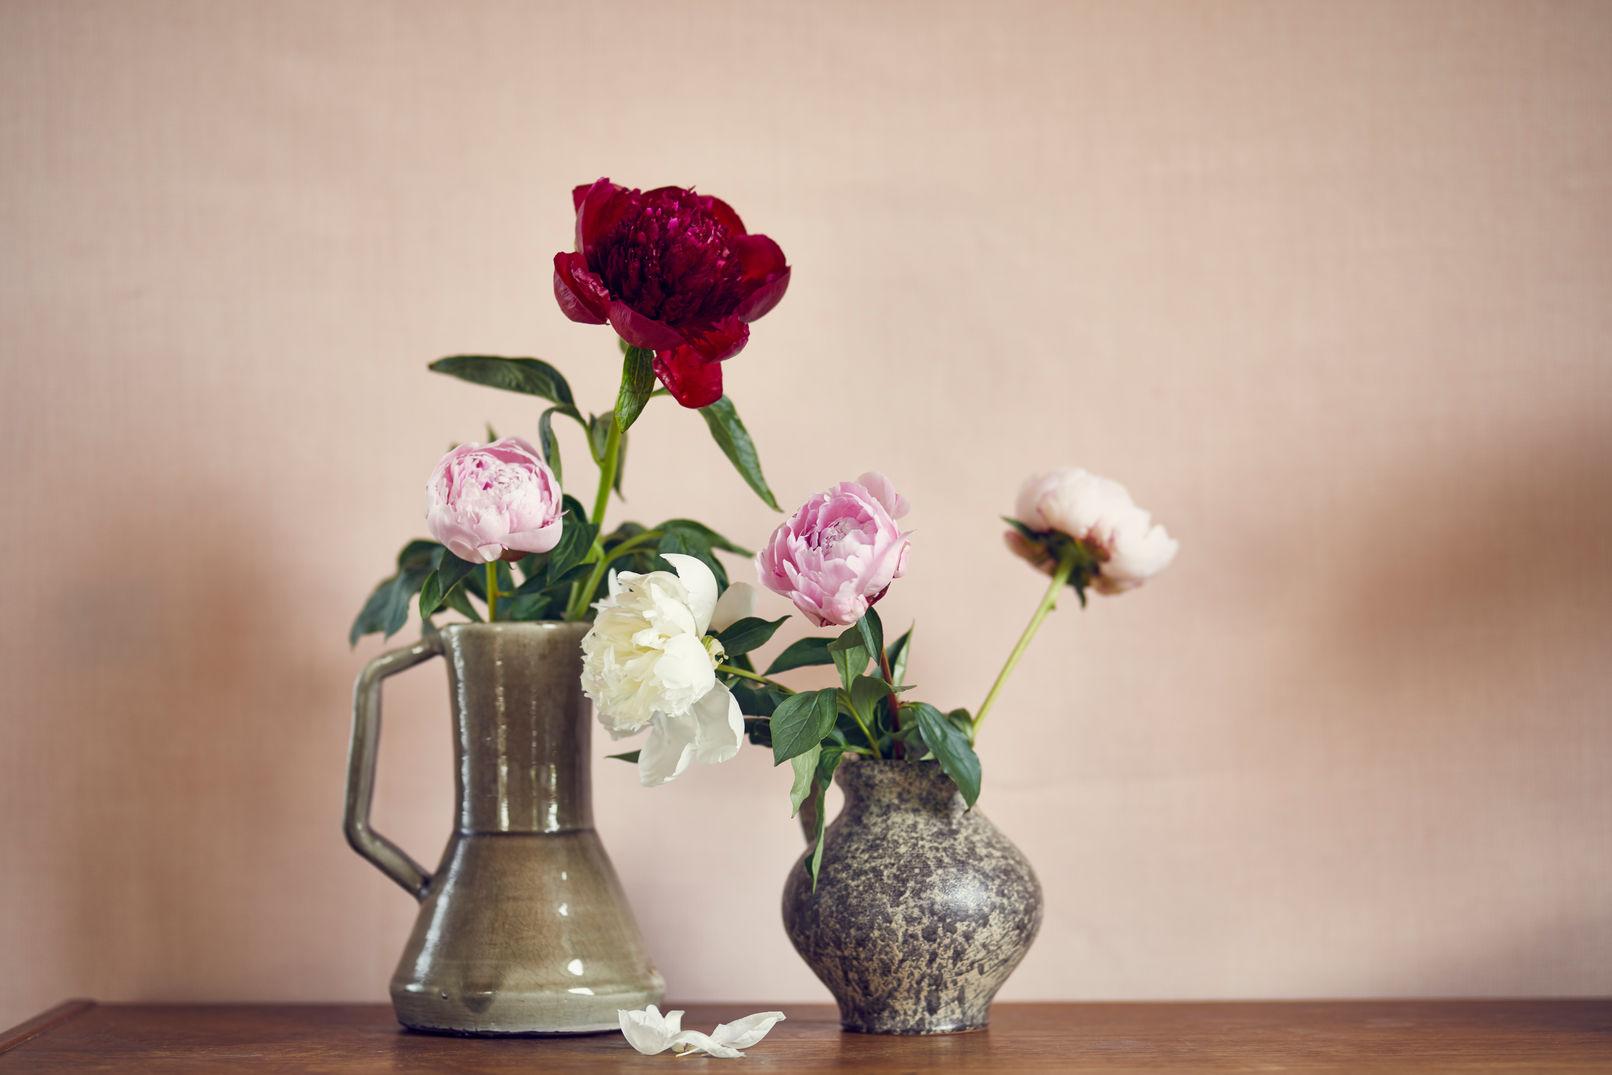 Zet de bloemen in een schone vaas en zorg dat er geen blad in het water komt om vroegtijdige rotting te voorkomen.